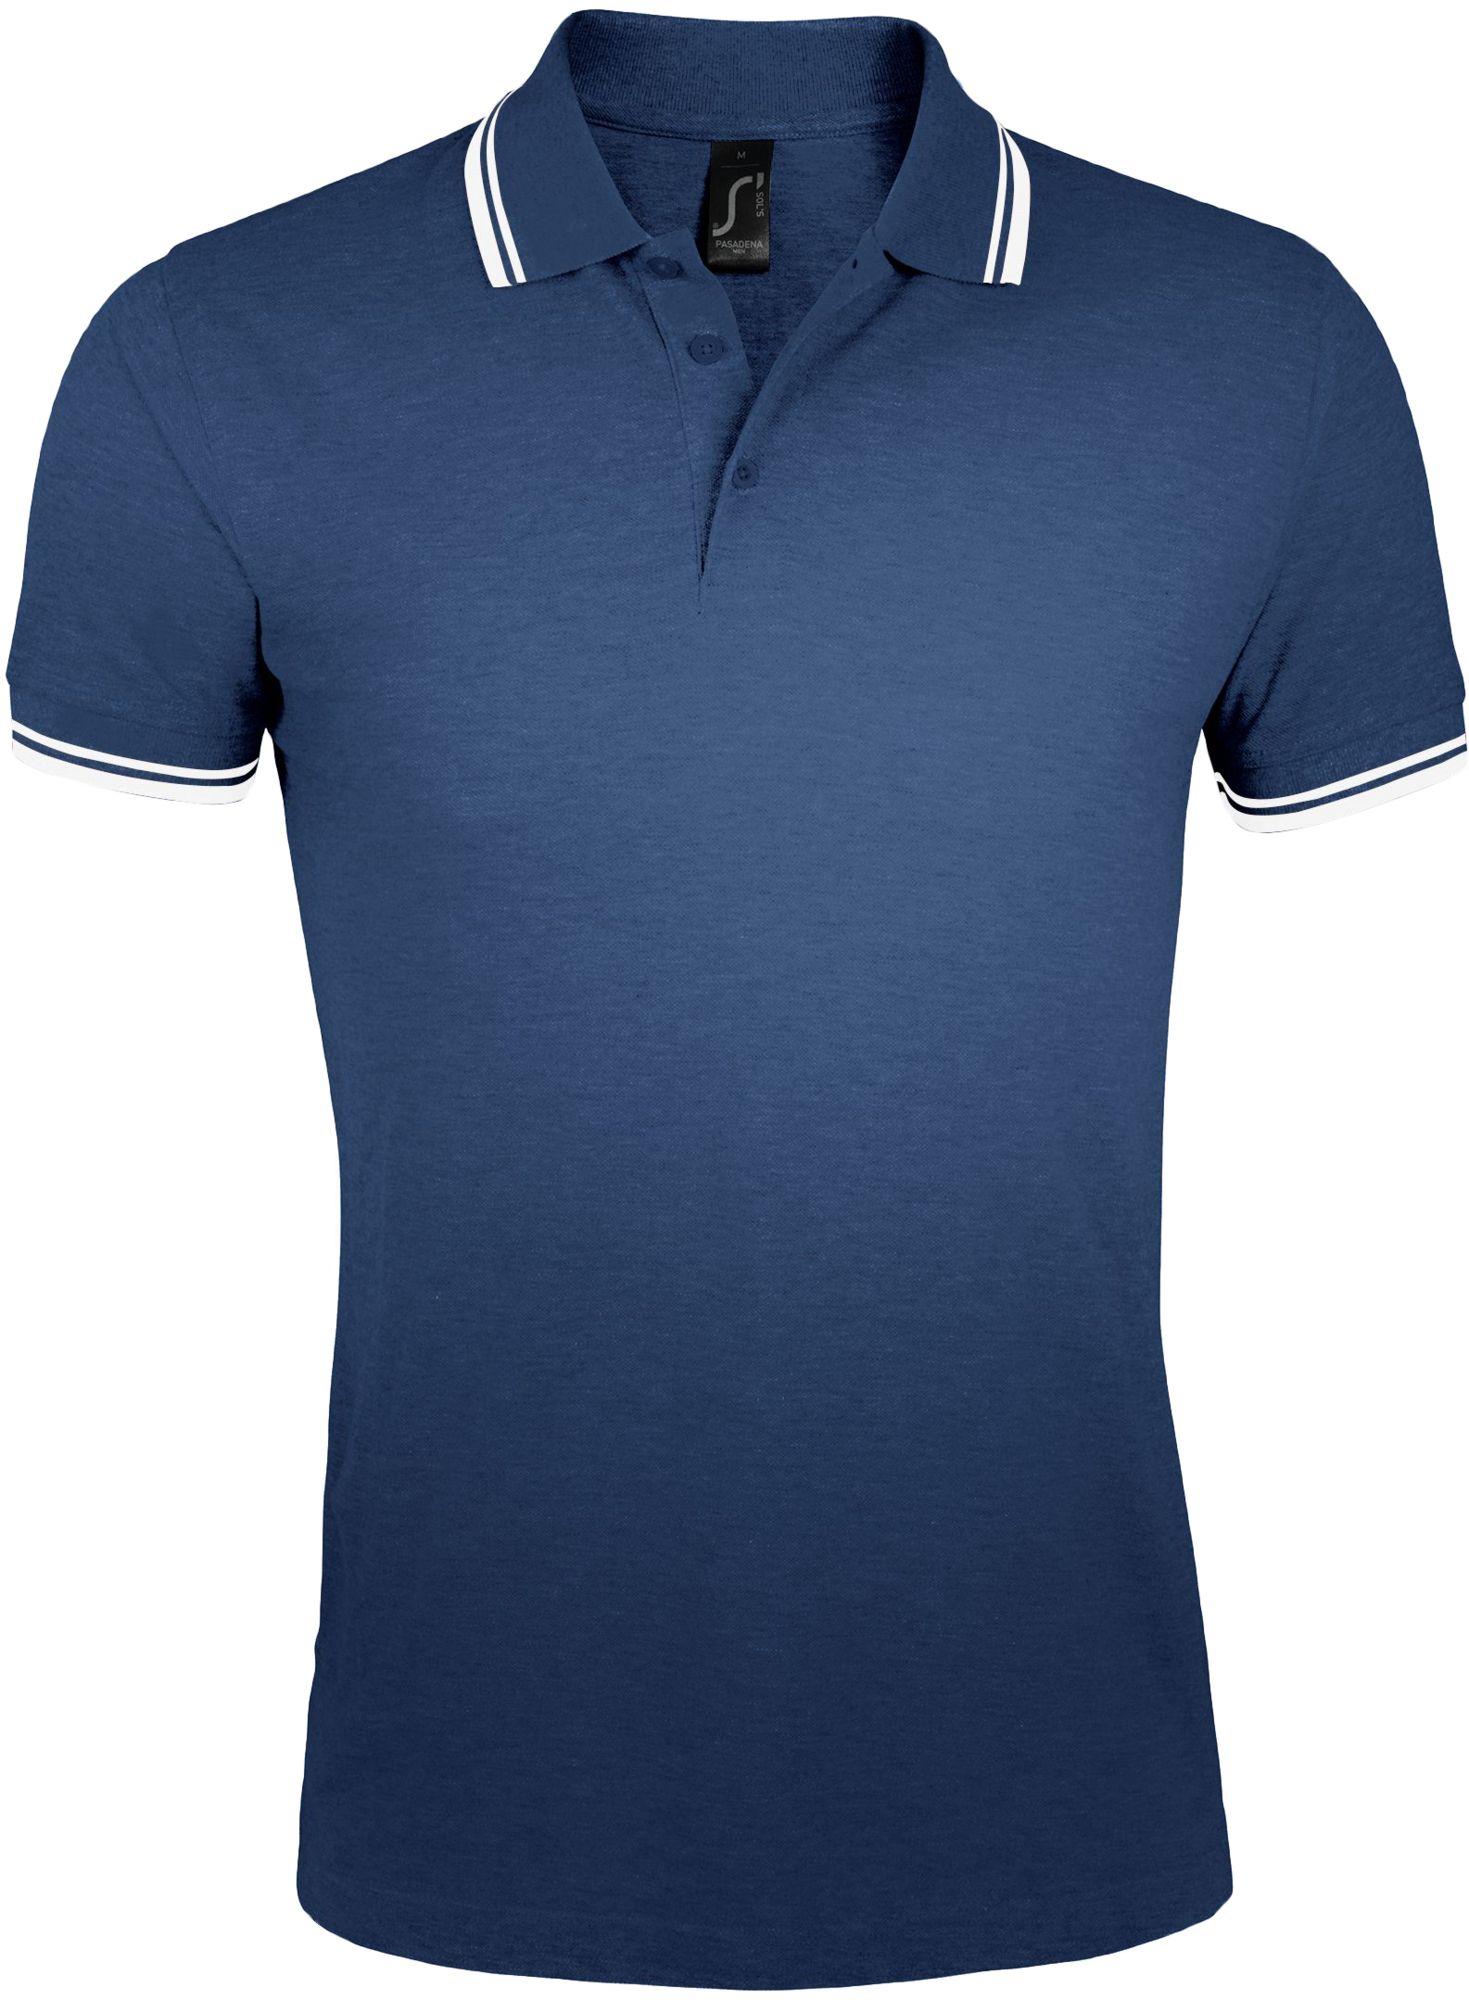 Рубашка поло мужская PASADENA MEN 200, темно-синяя с белым